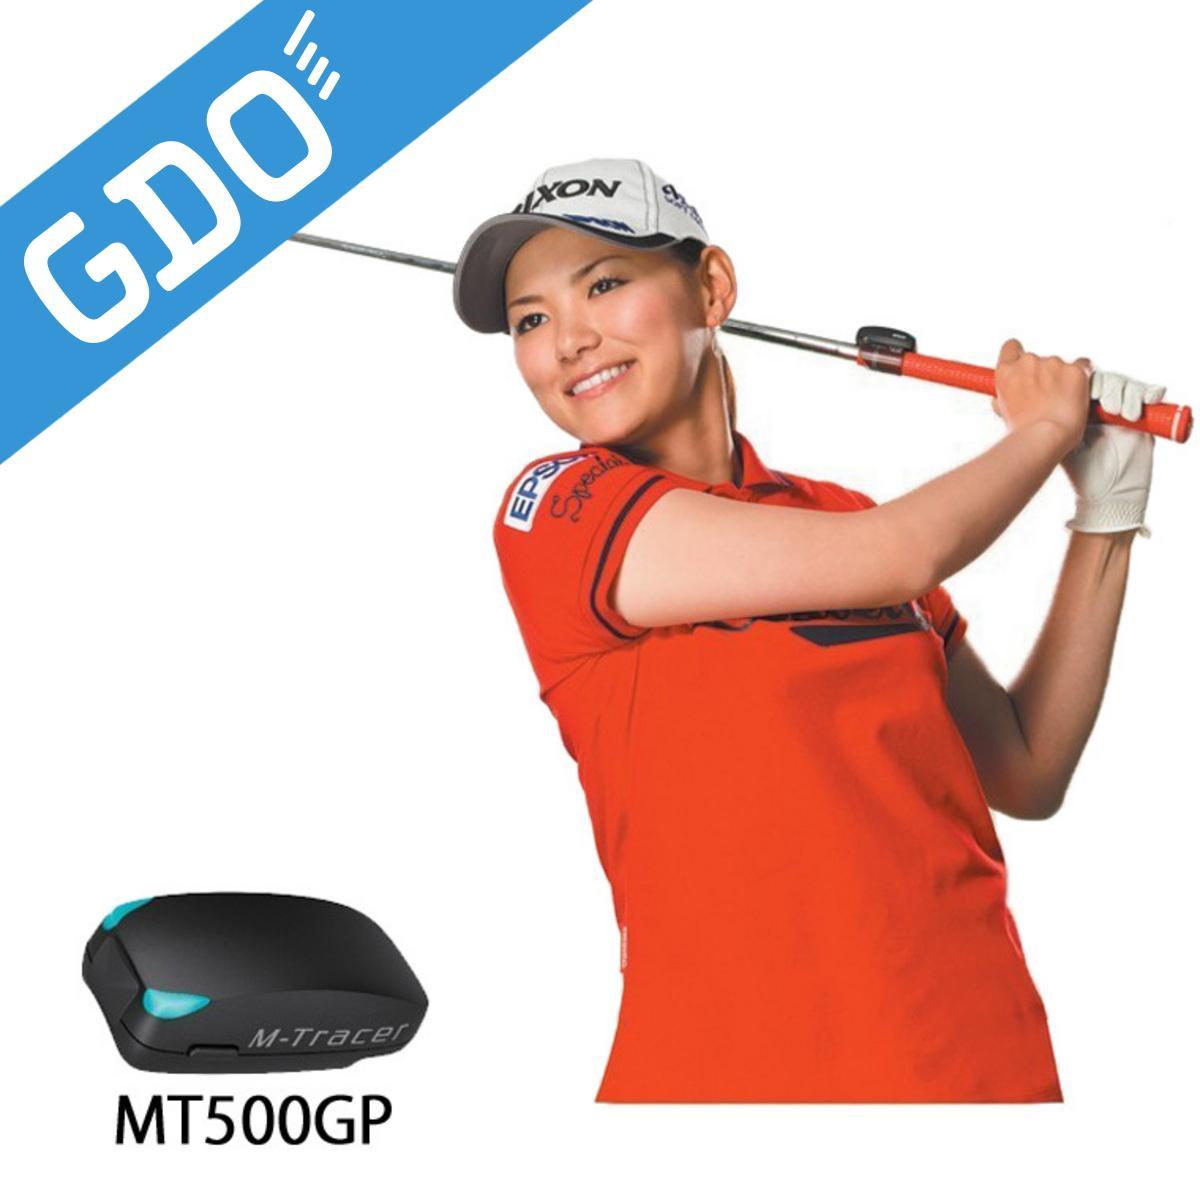 【父の日ギフト】エプソン EPSON M-Tracer For Golf MT500GP